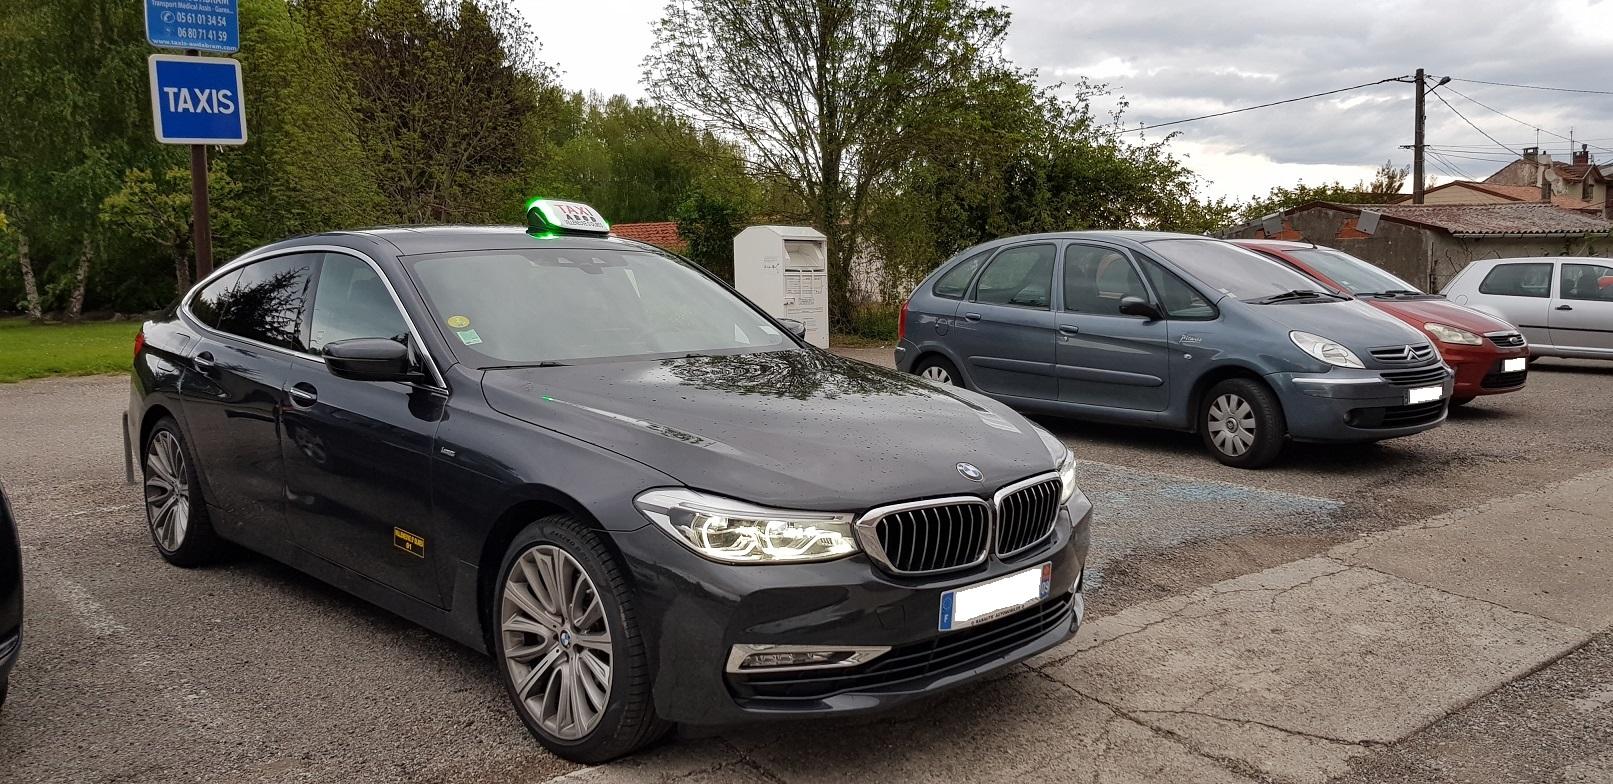 NEW BMW 6 GT LUXURY X-DRIVE